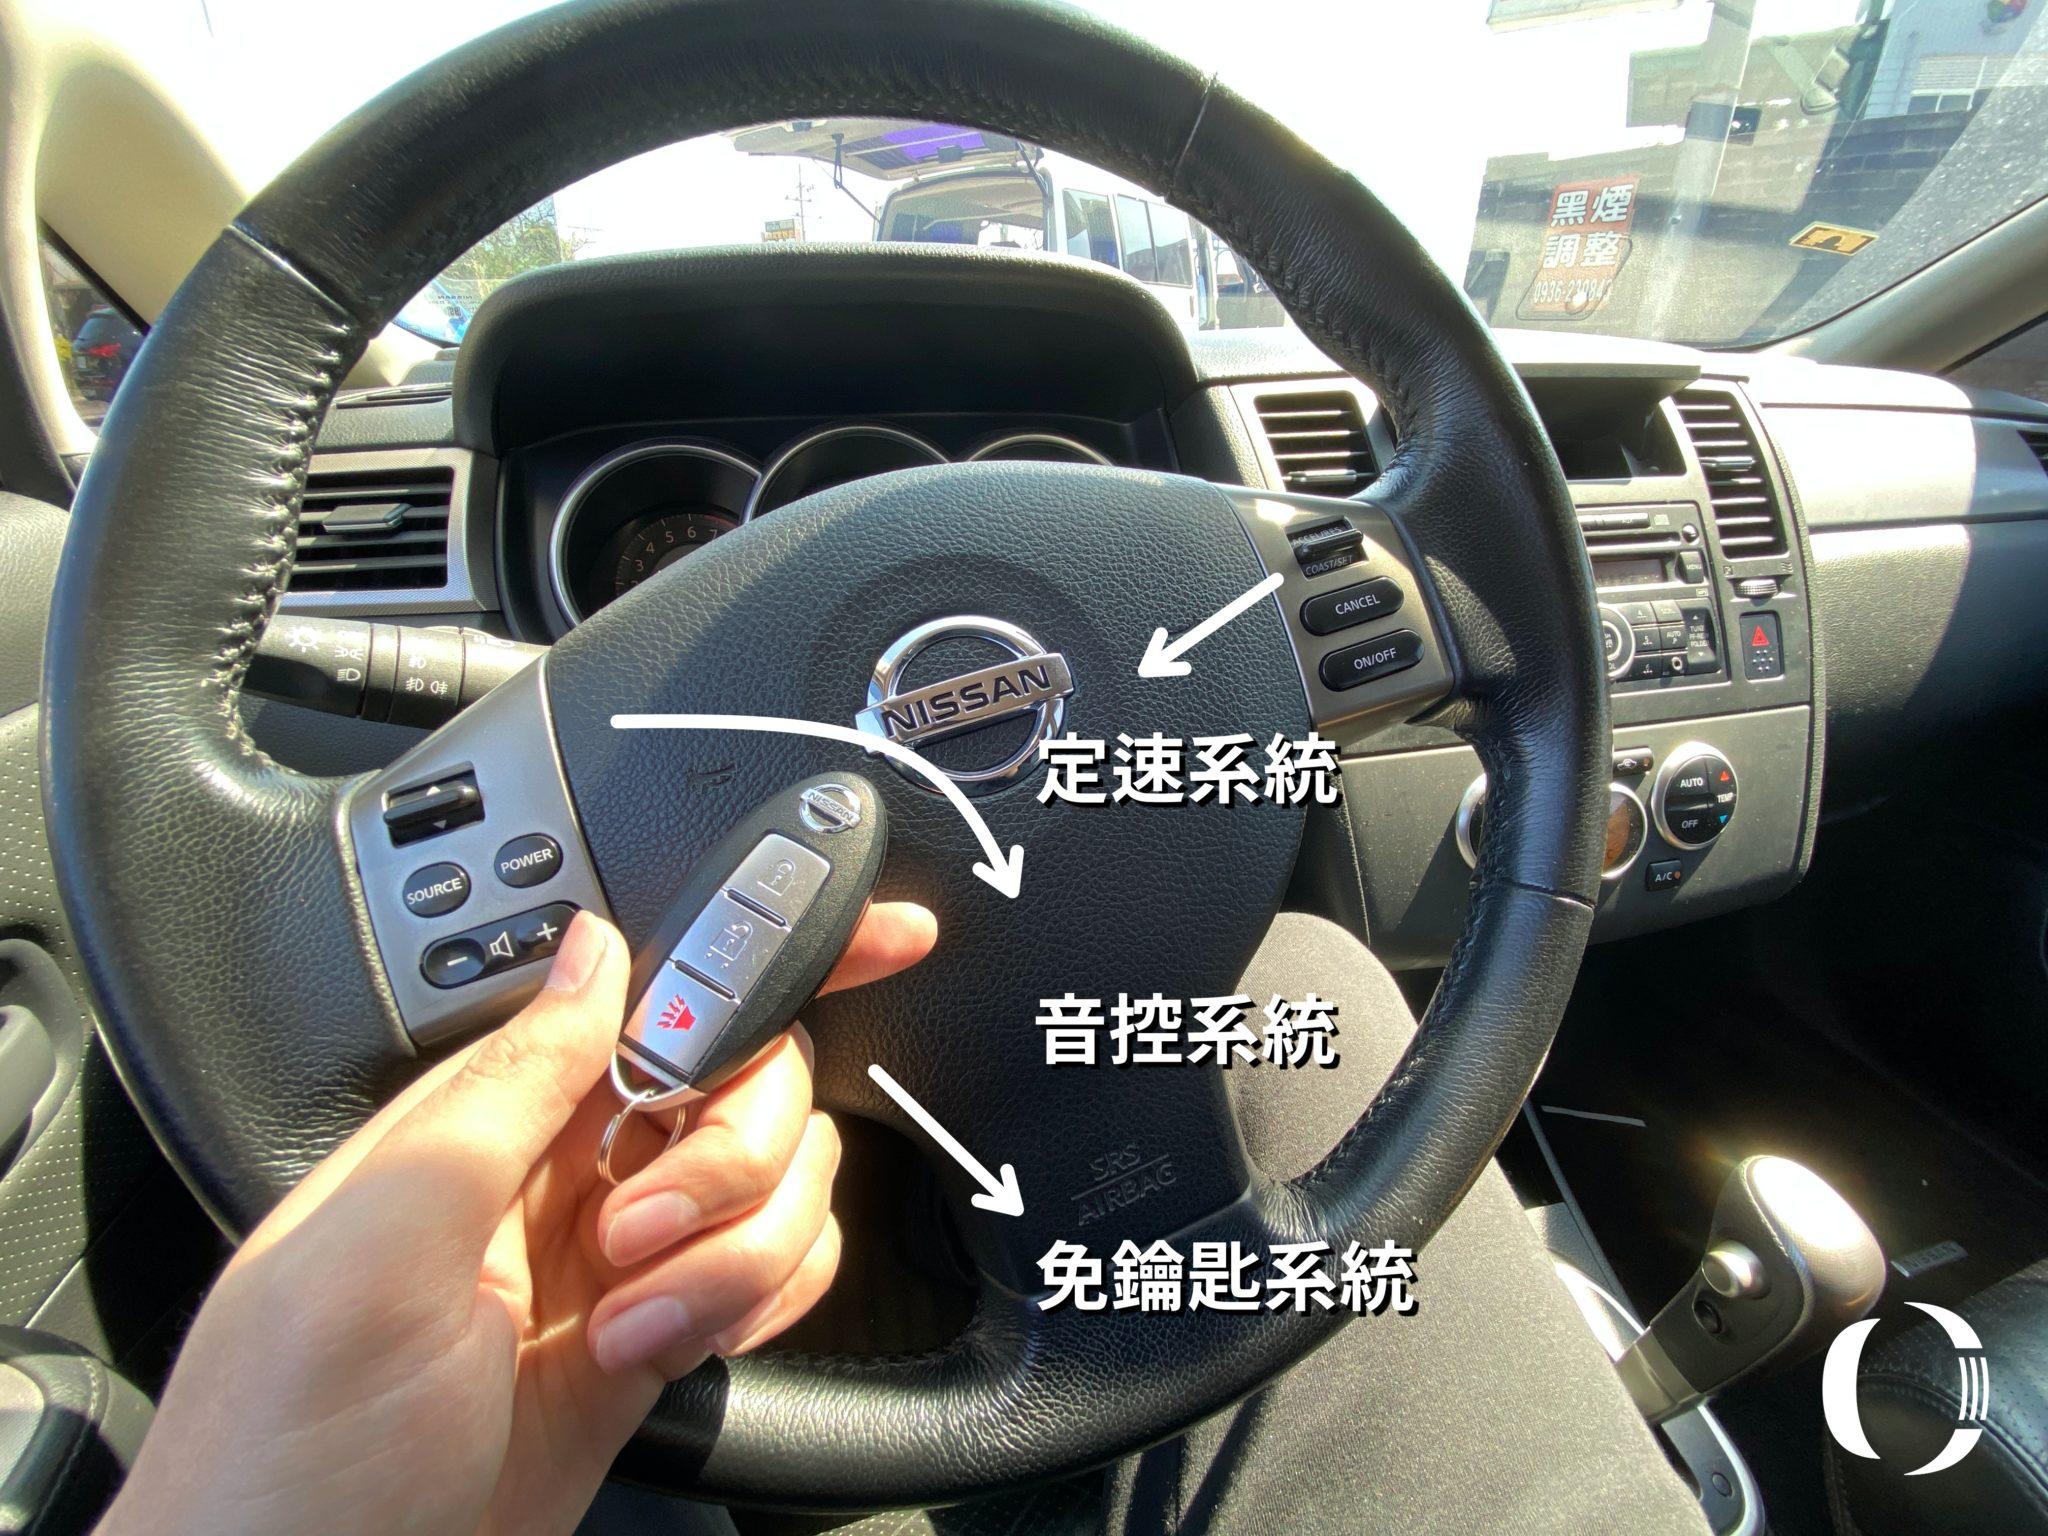 Nissan,Tiida,中古車推薦,安心中古車,買二手車,小車大空間,定速系統,免鑰匙啟動